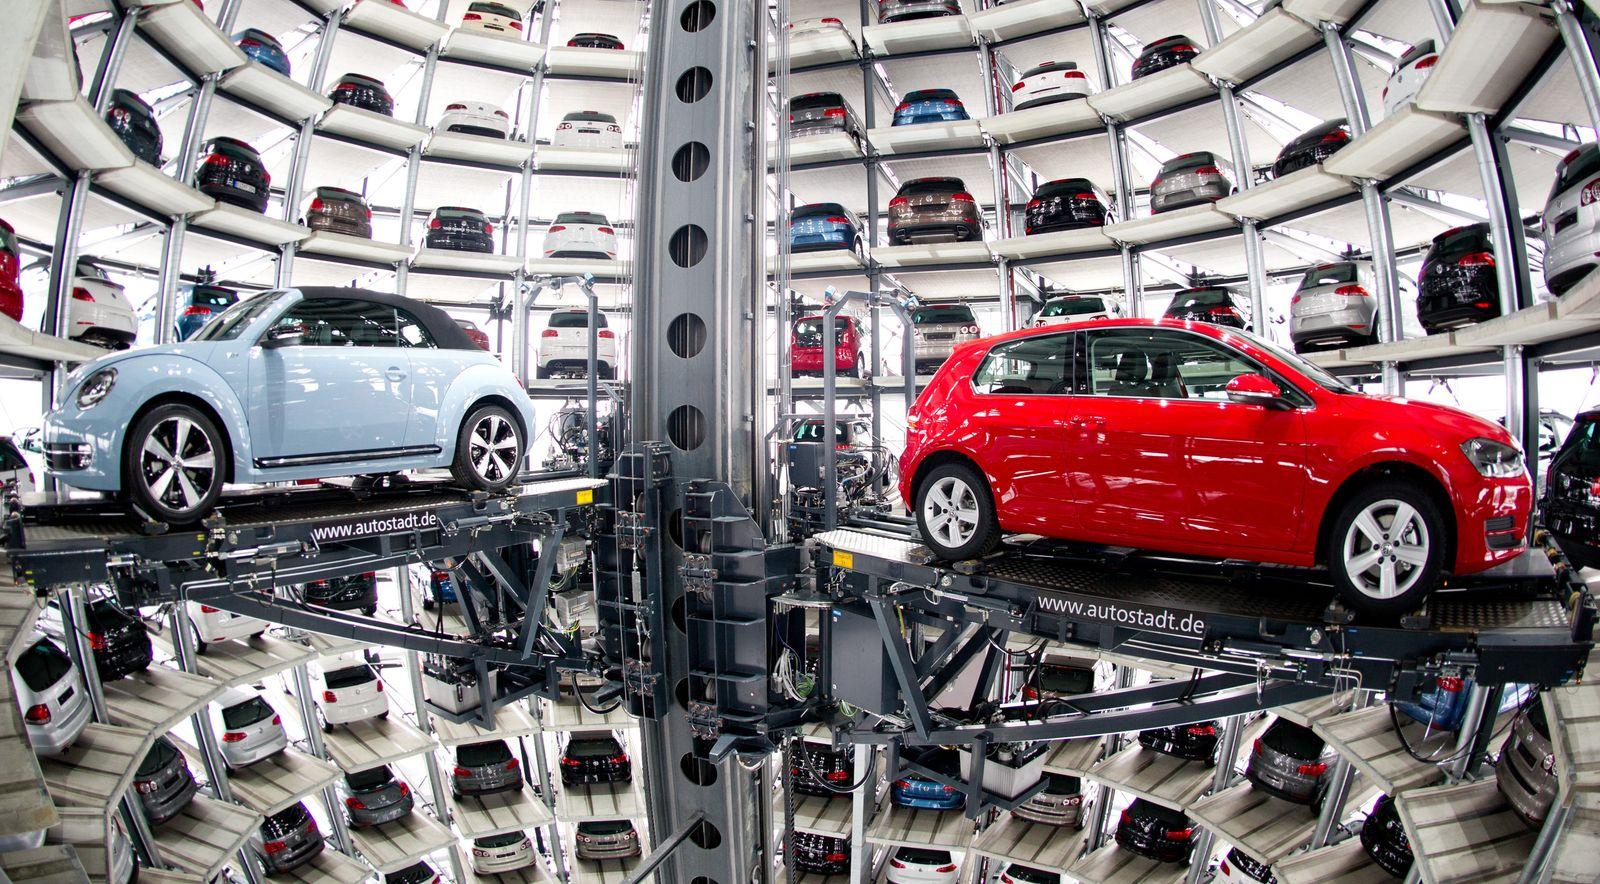 VW Kraftfahrtbundesamt ordnet Rückruf an